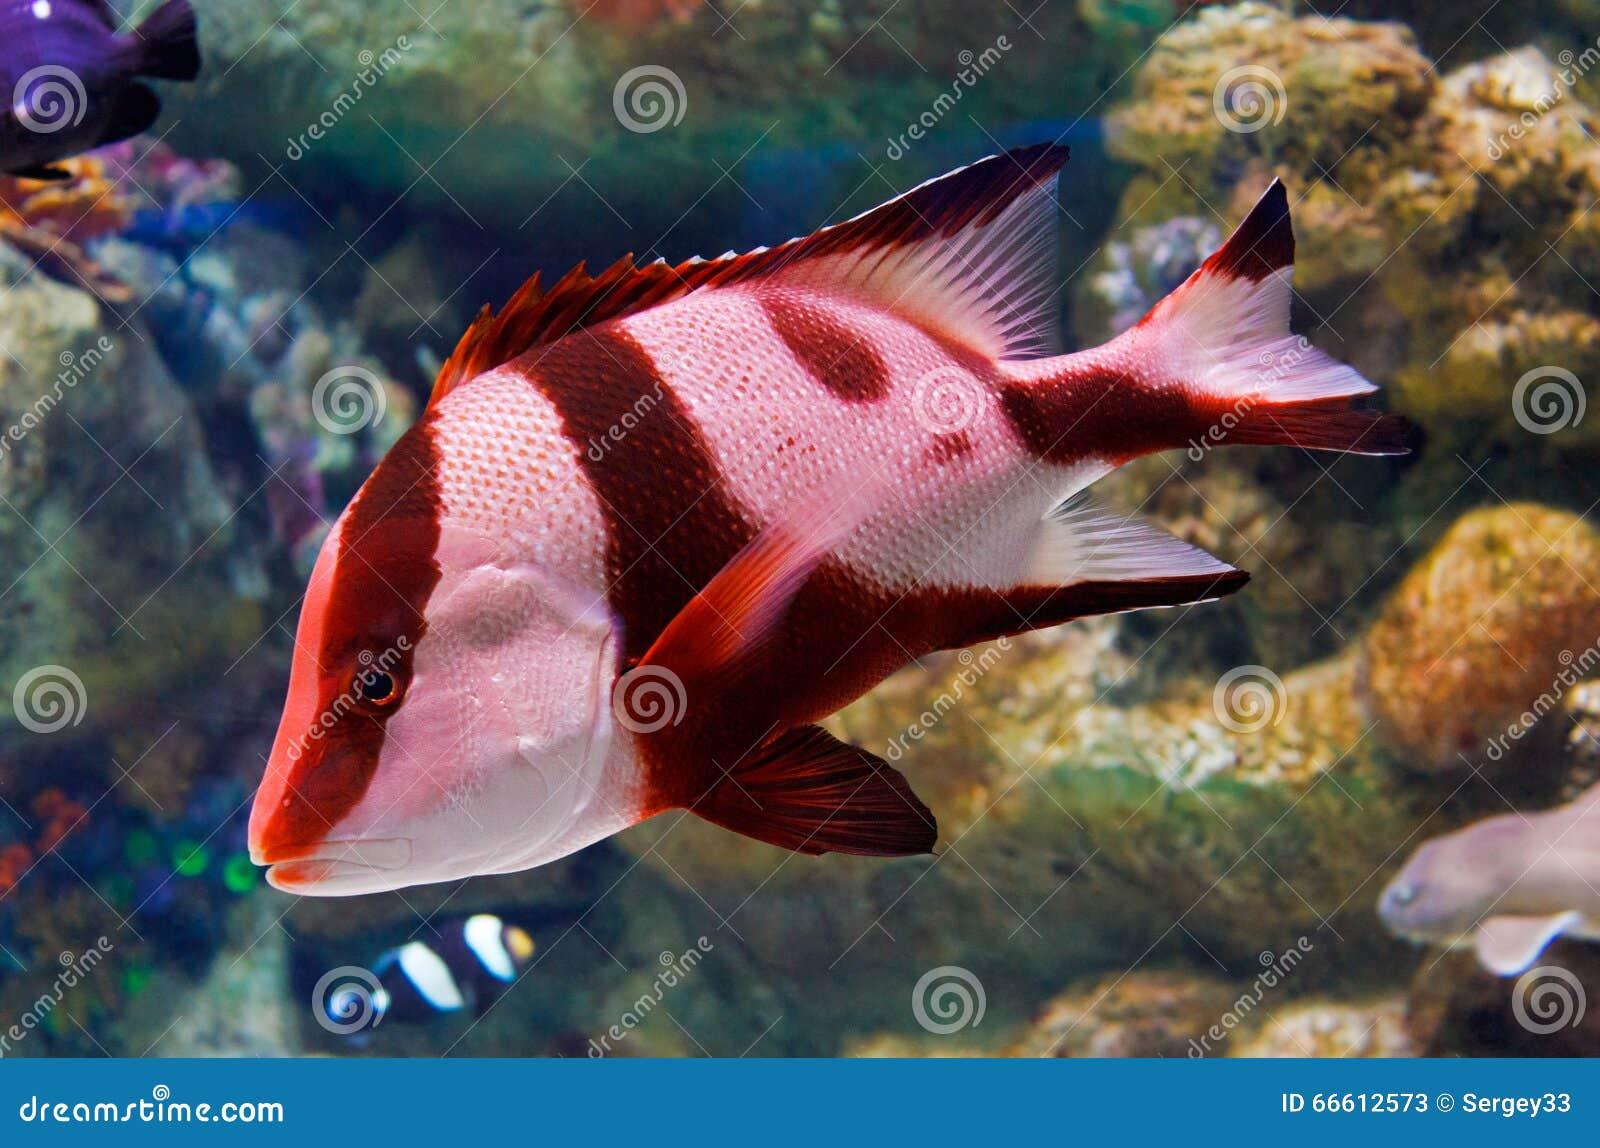 Yellow Black Striped Fish Aquarium Stock Images - 382 Photos